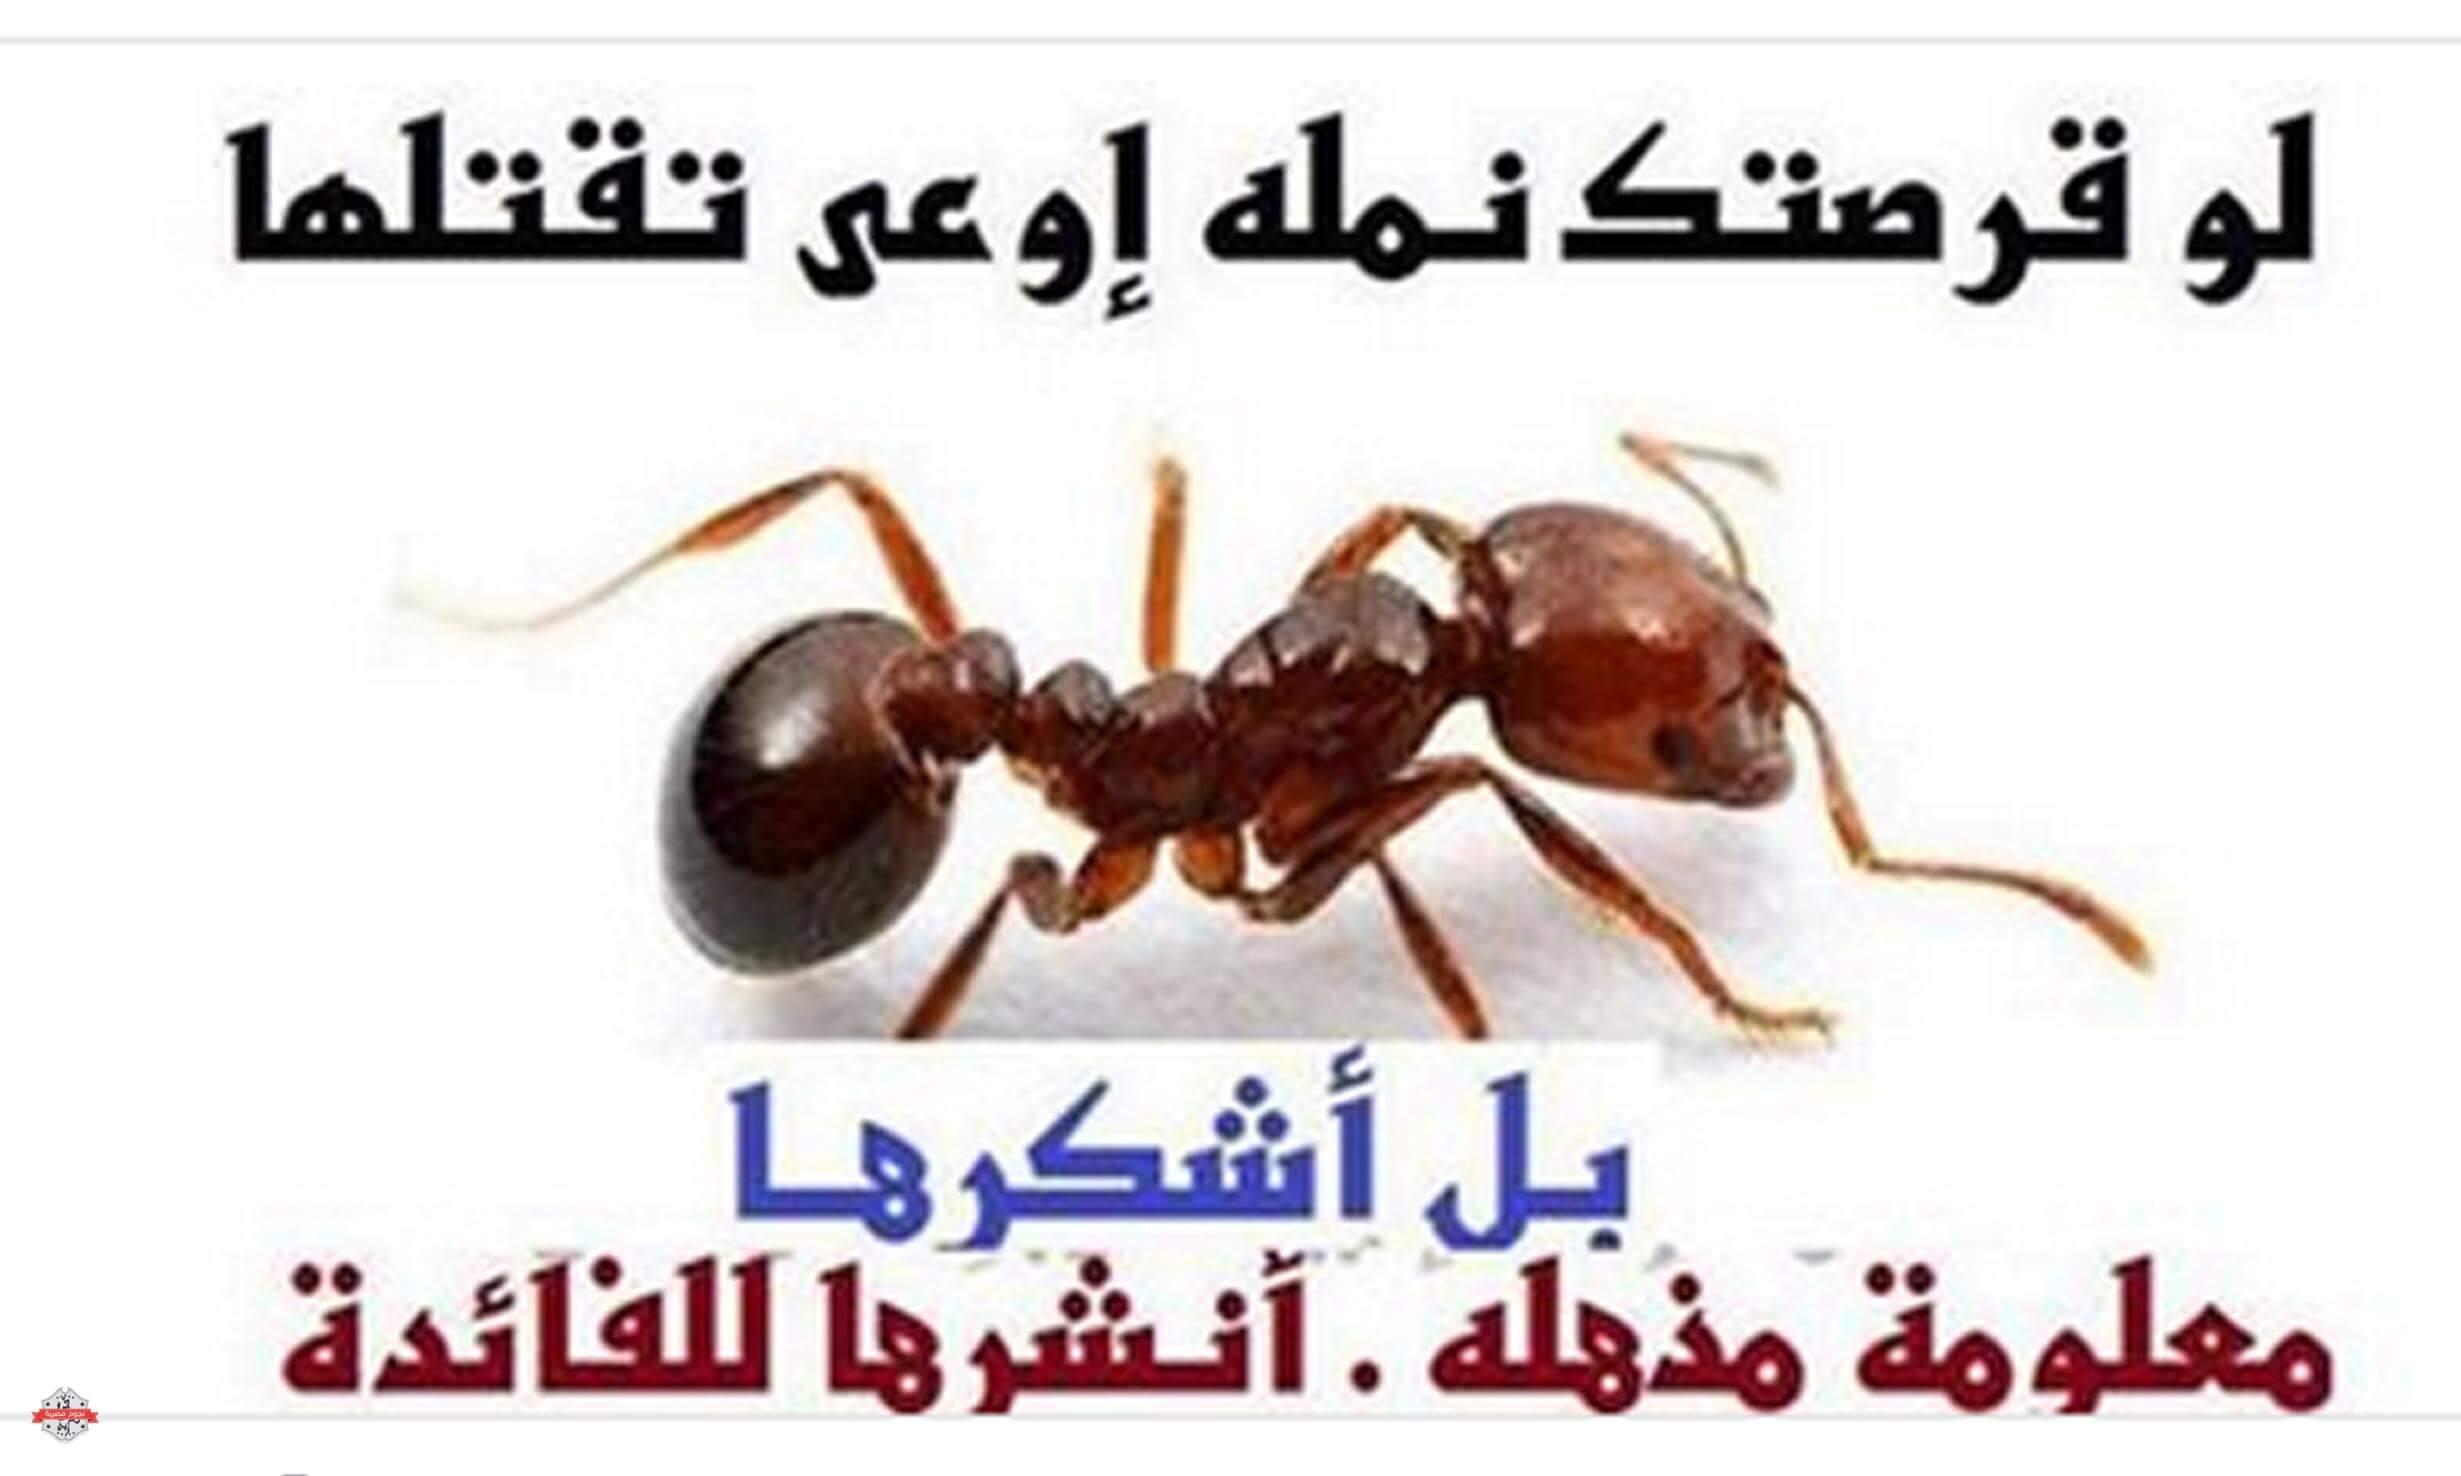 صورة معلومات عن النمل , اغرب ما تعرفه عن النمل